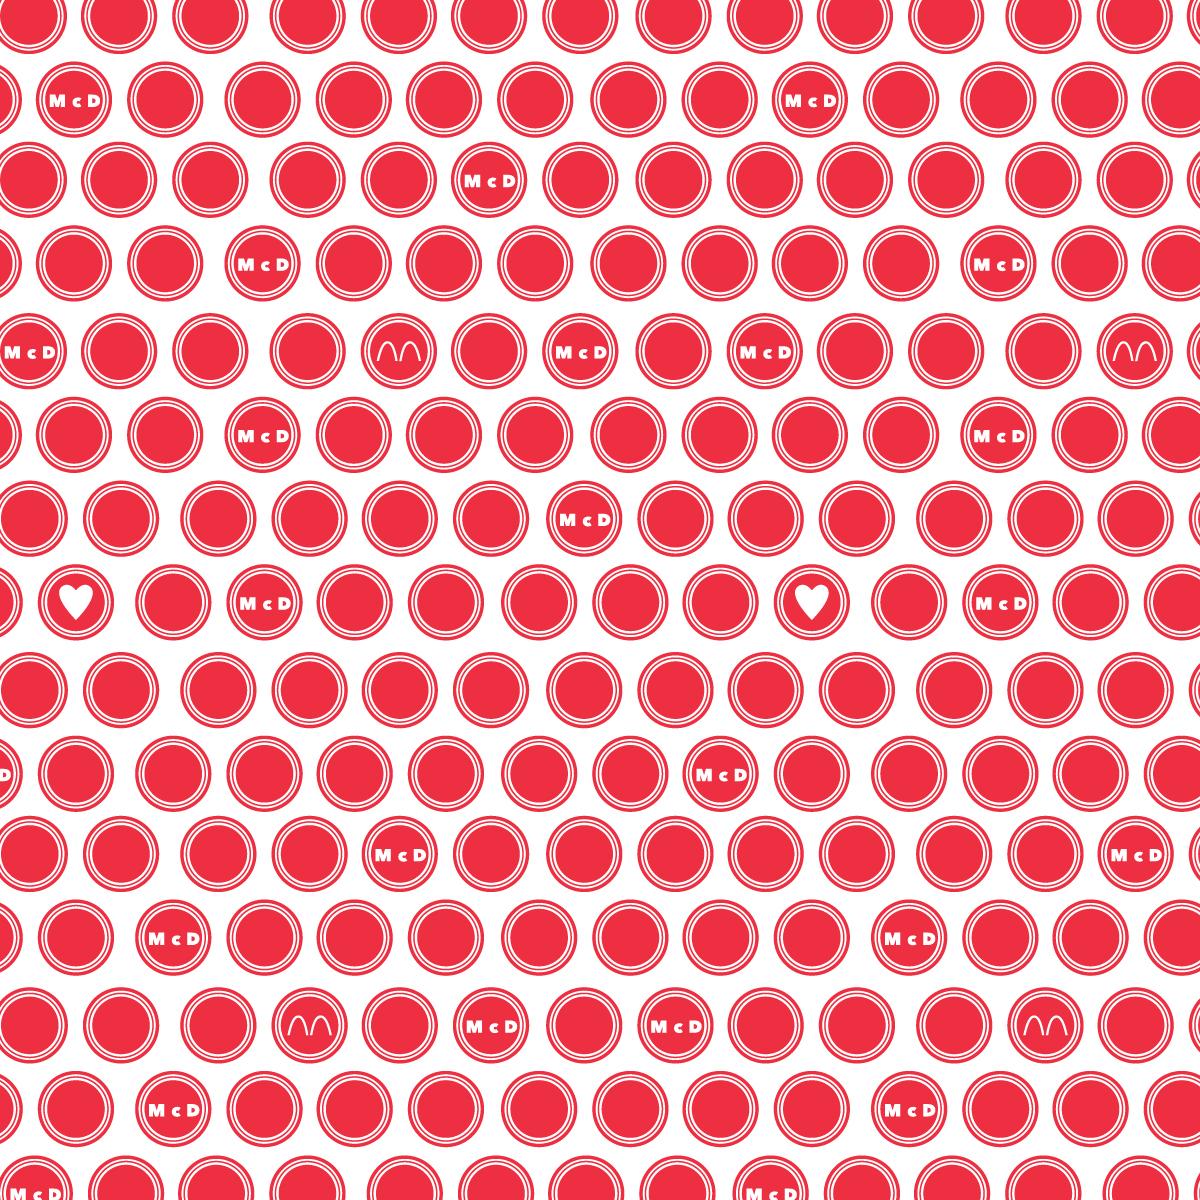 Packaging Patterns-12.jpg